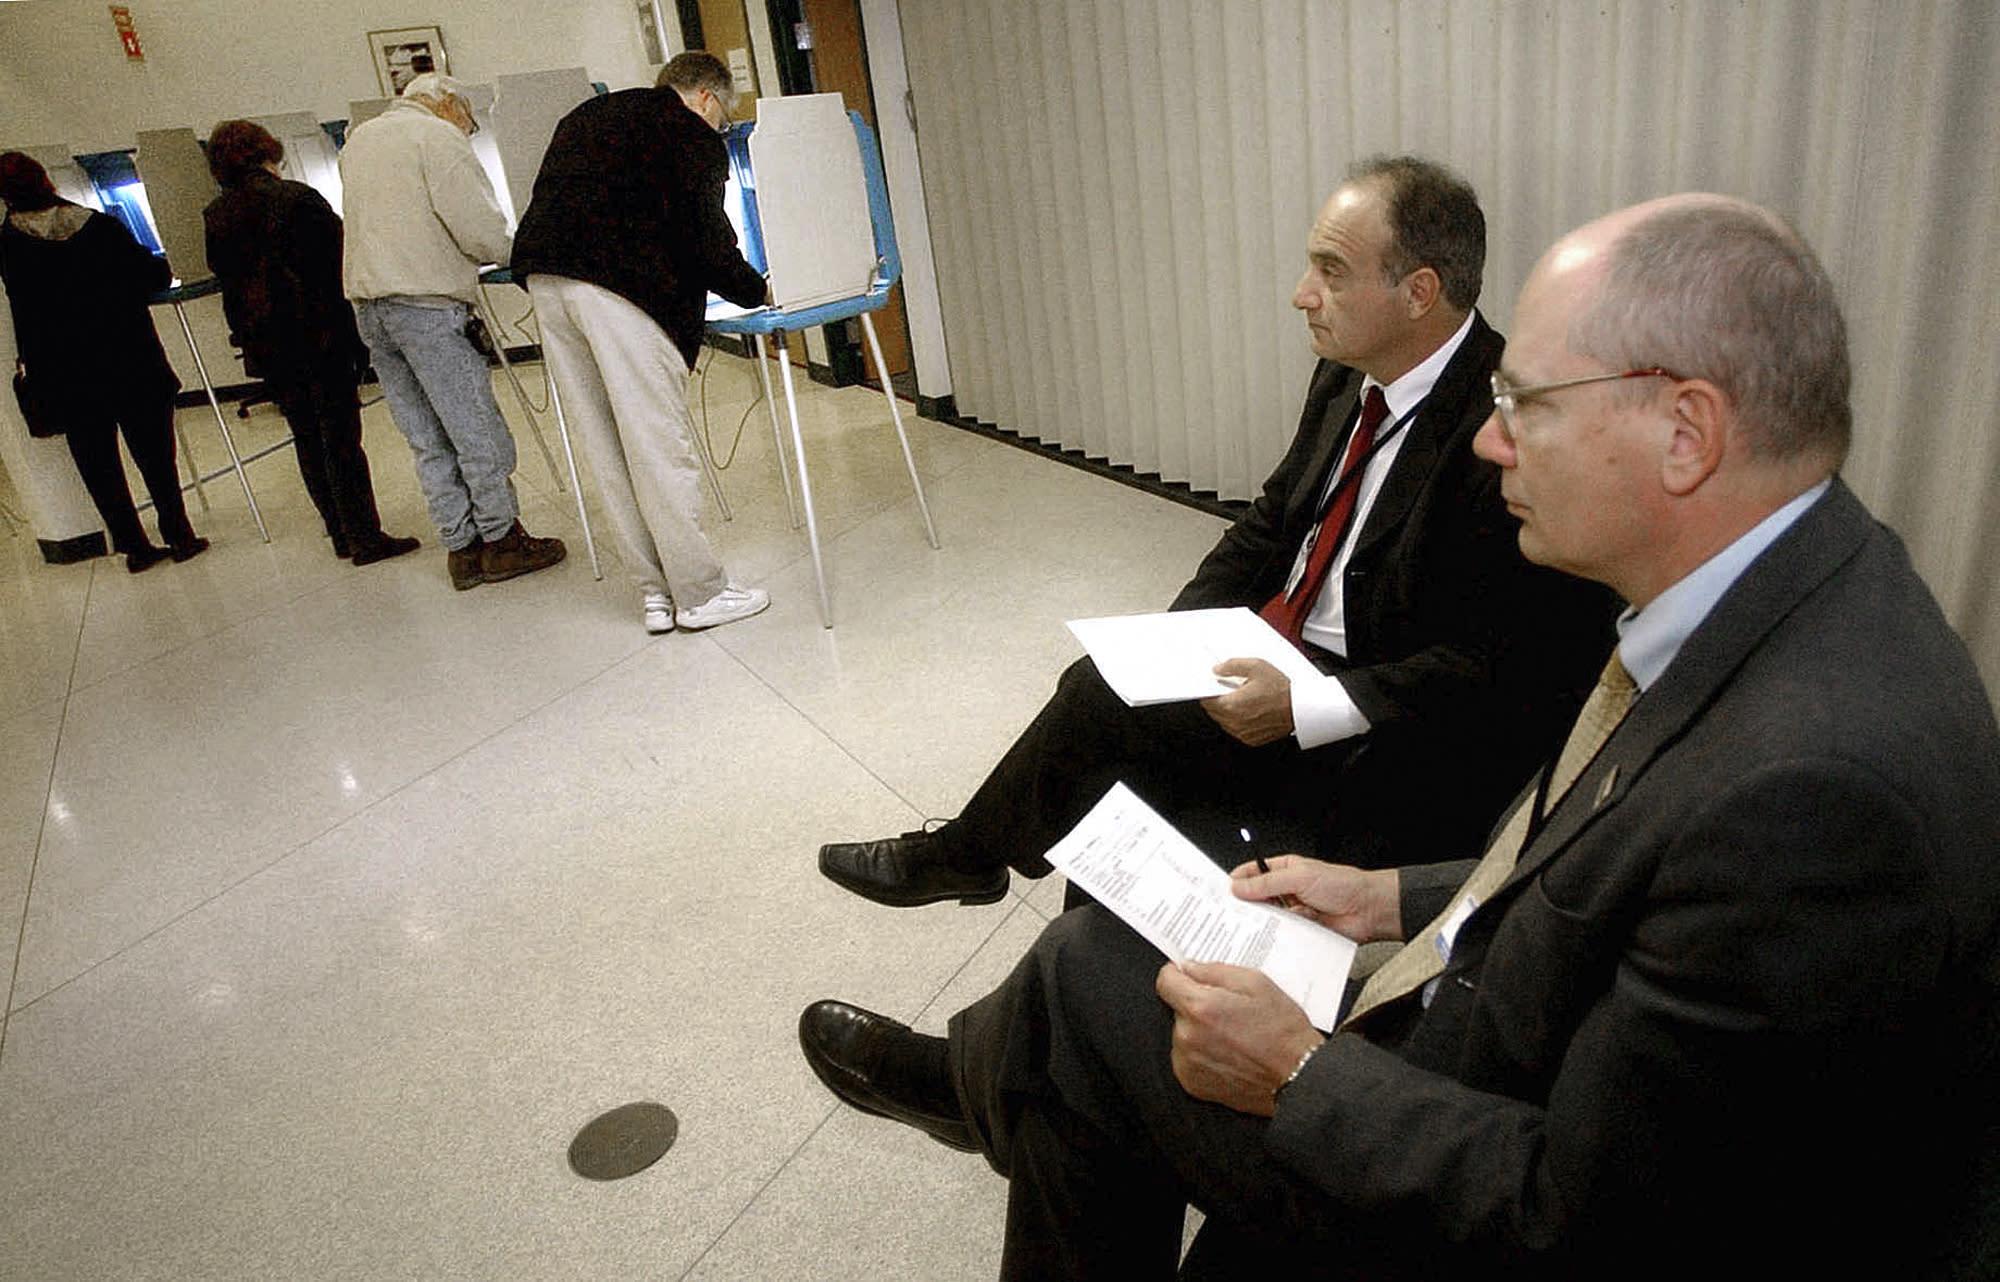 Coronavirus pandemic shrinks Europe's monitoring of US vote